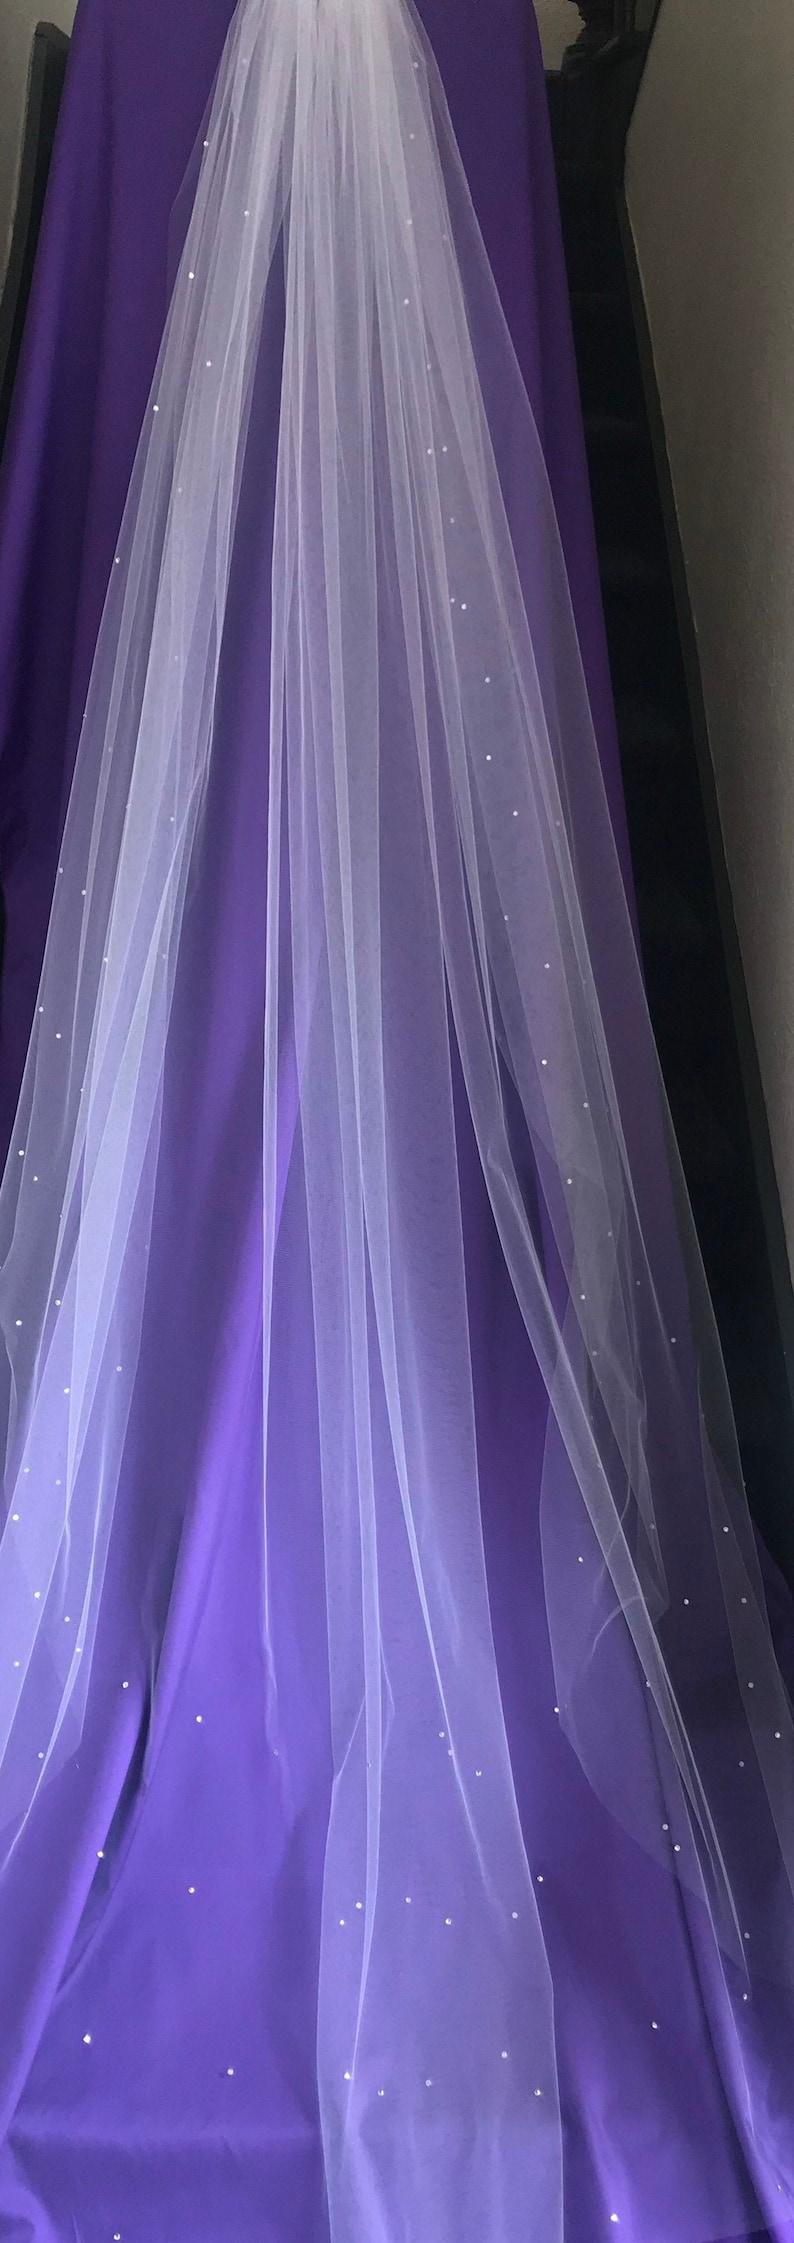 82 four-row Swarovski Crystal veil image 0